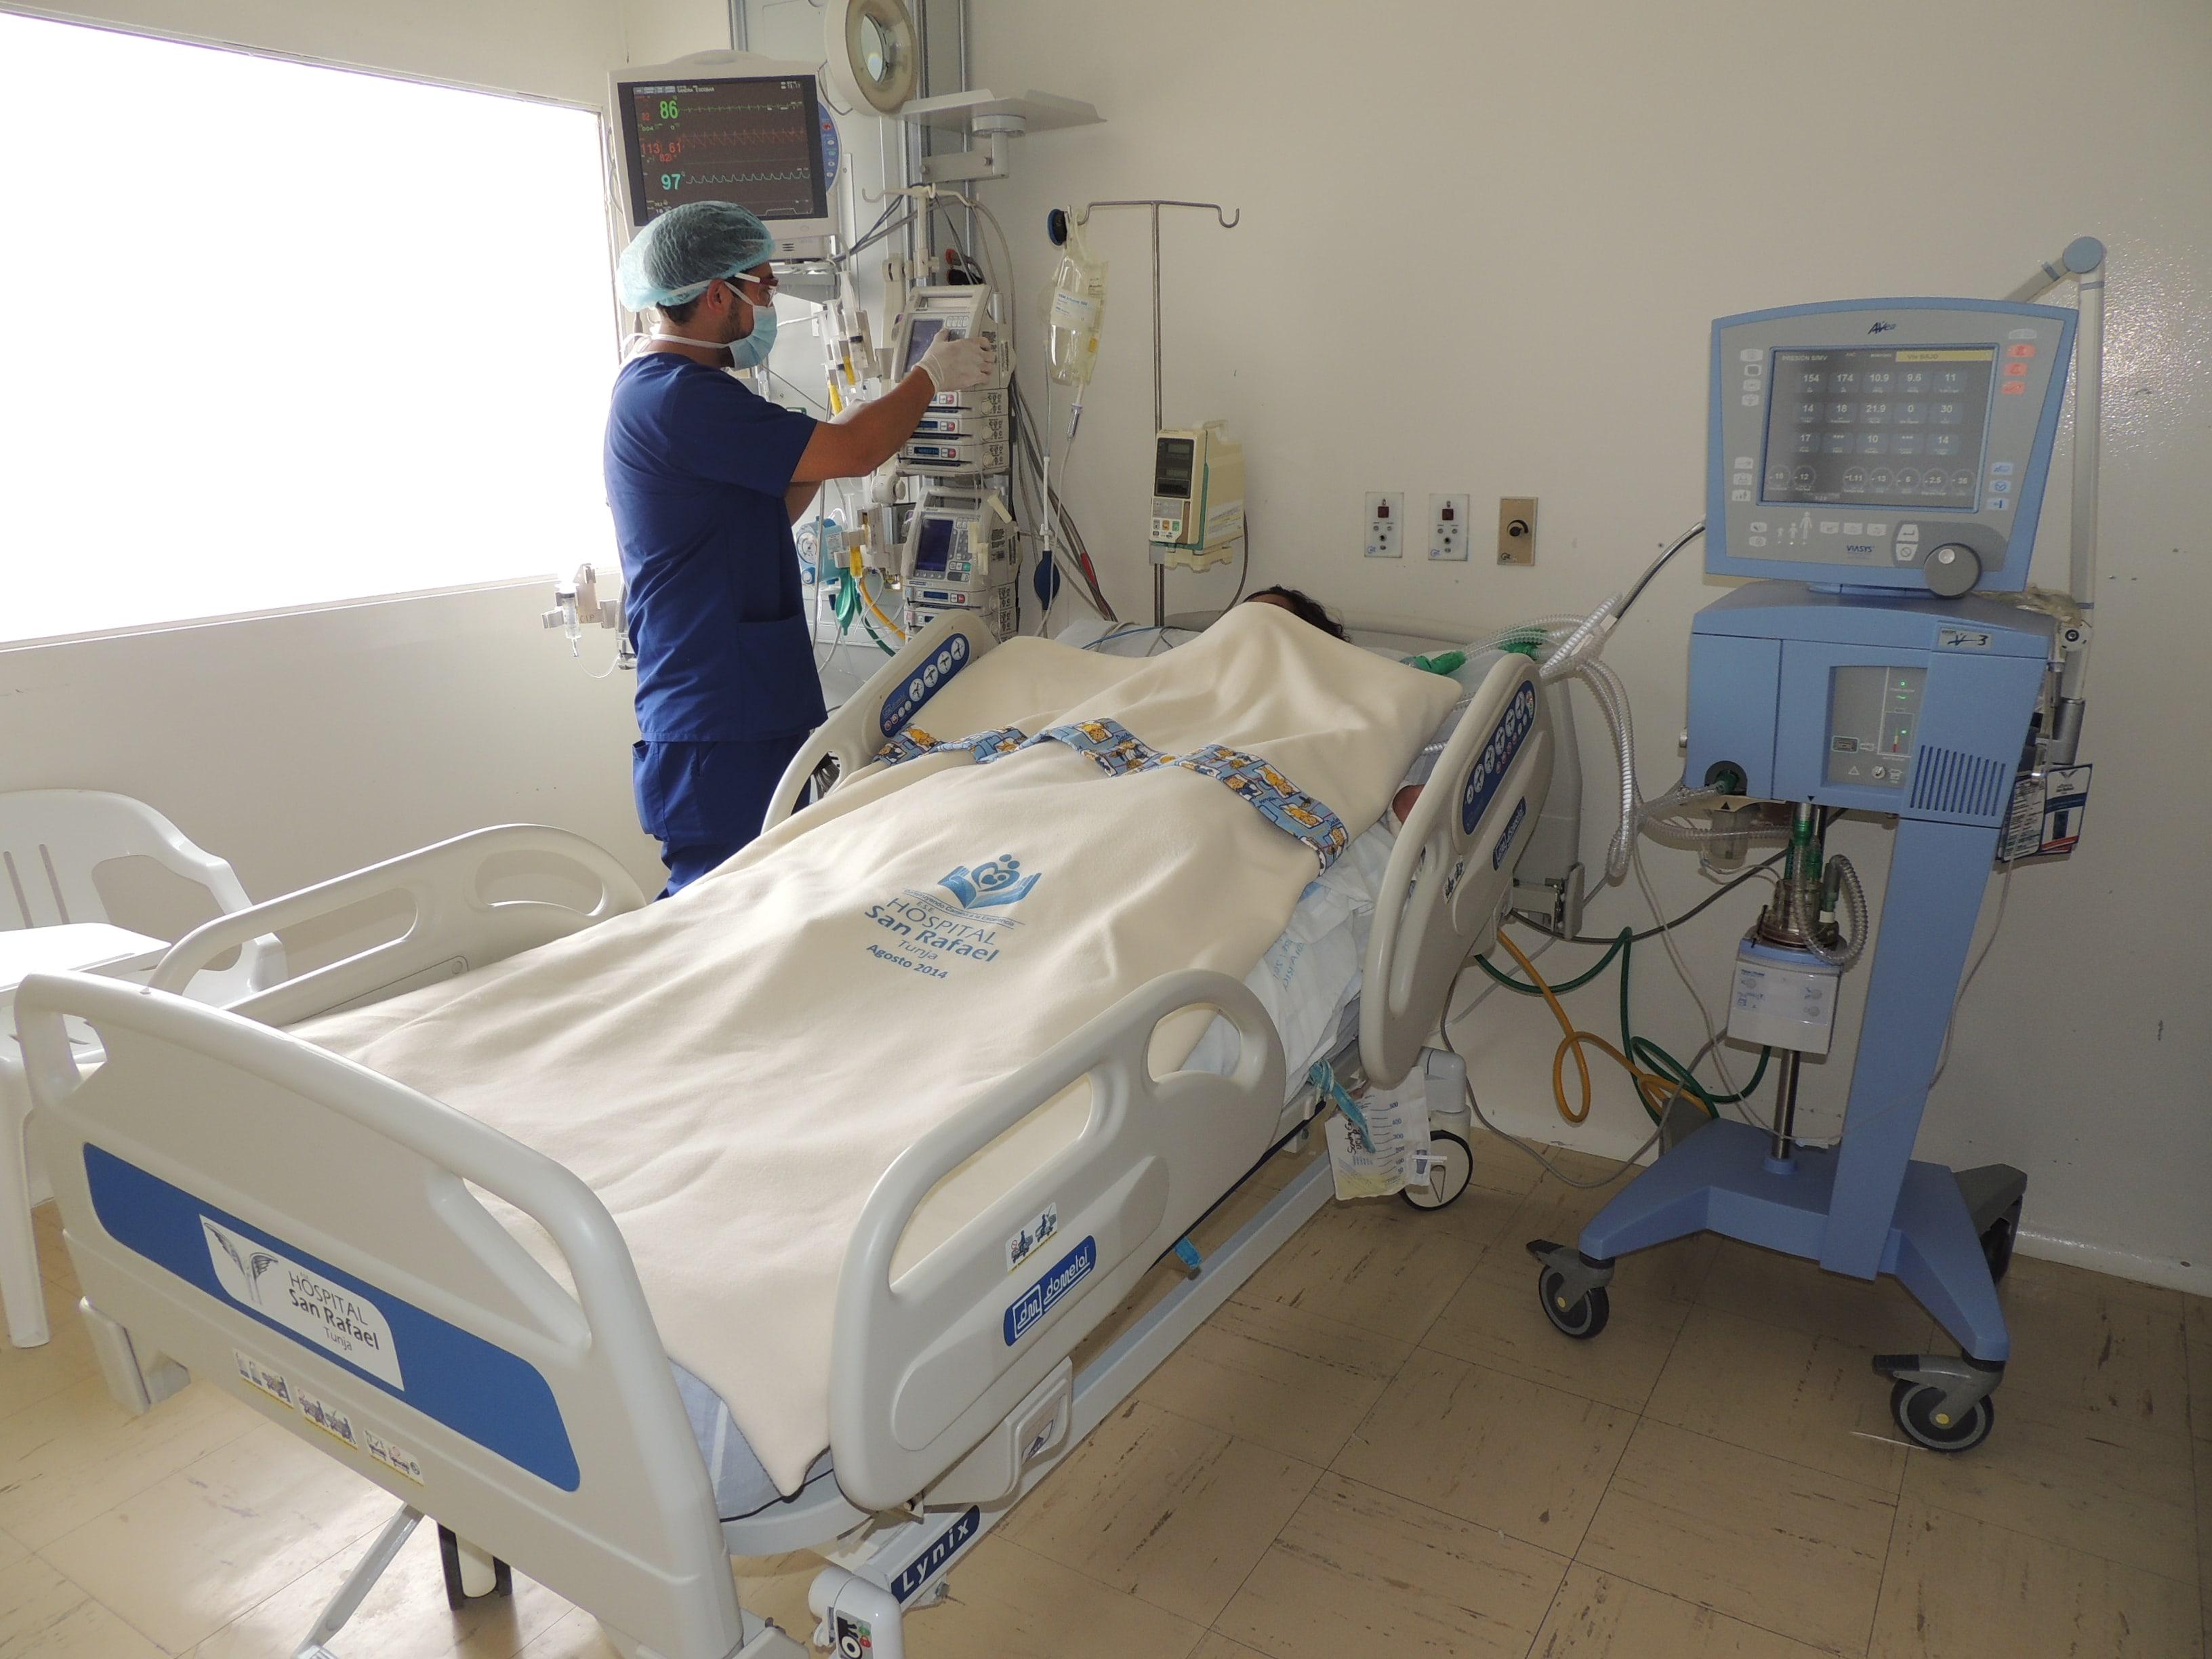 Garantizan liquidez para el sector salud. Recursos por $2,1 billones para hospitales y clínicas   Nacional   Economía   EL FRENTE